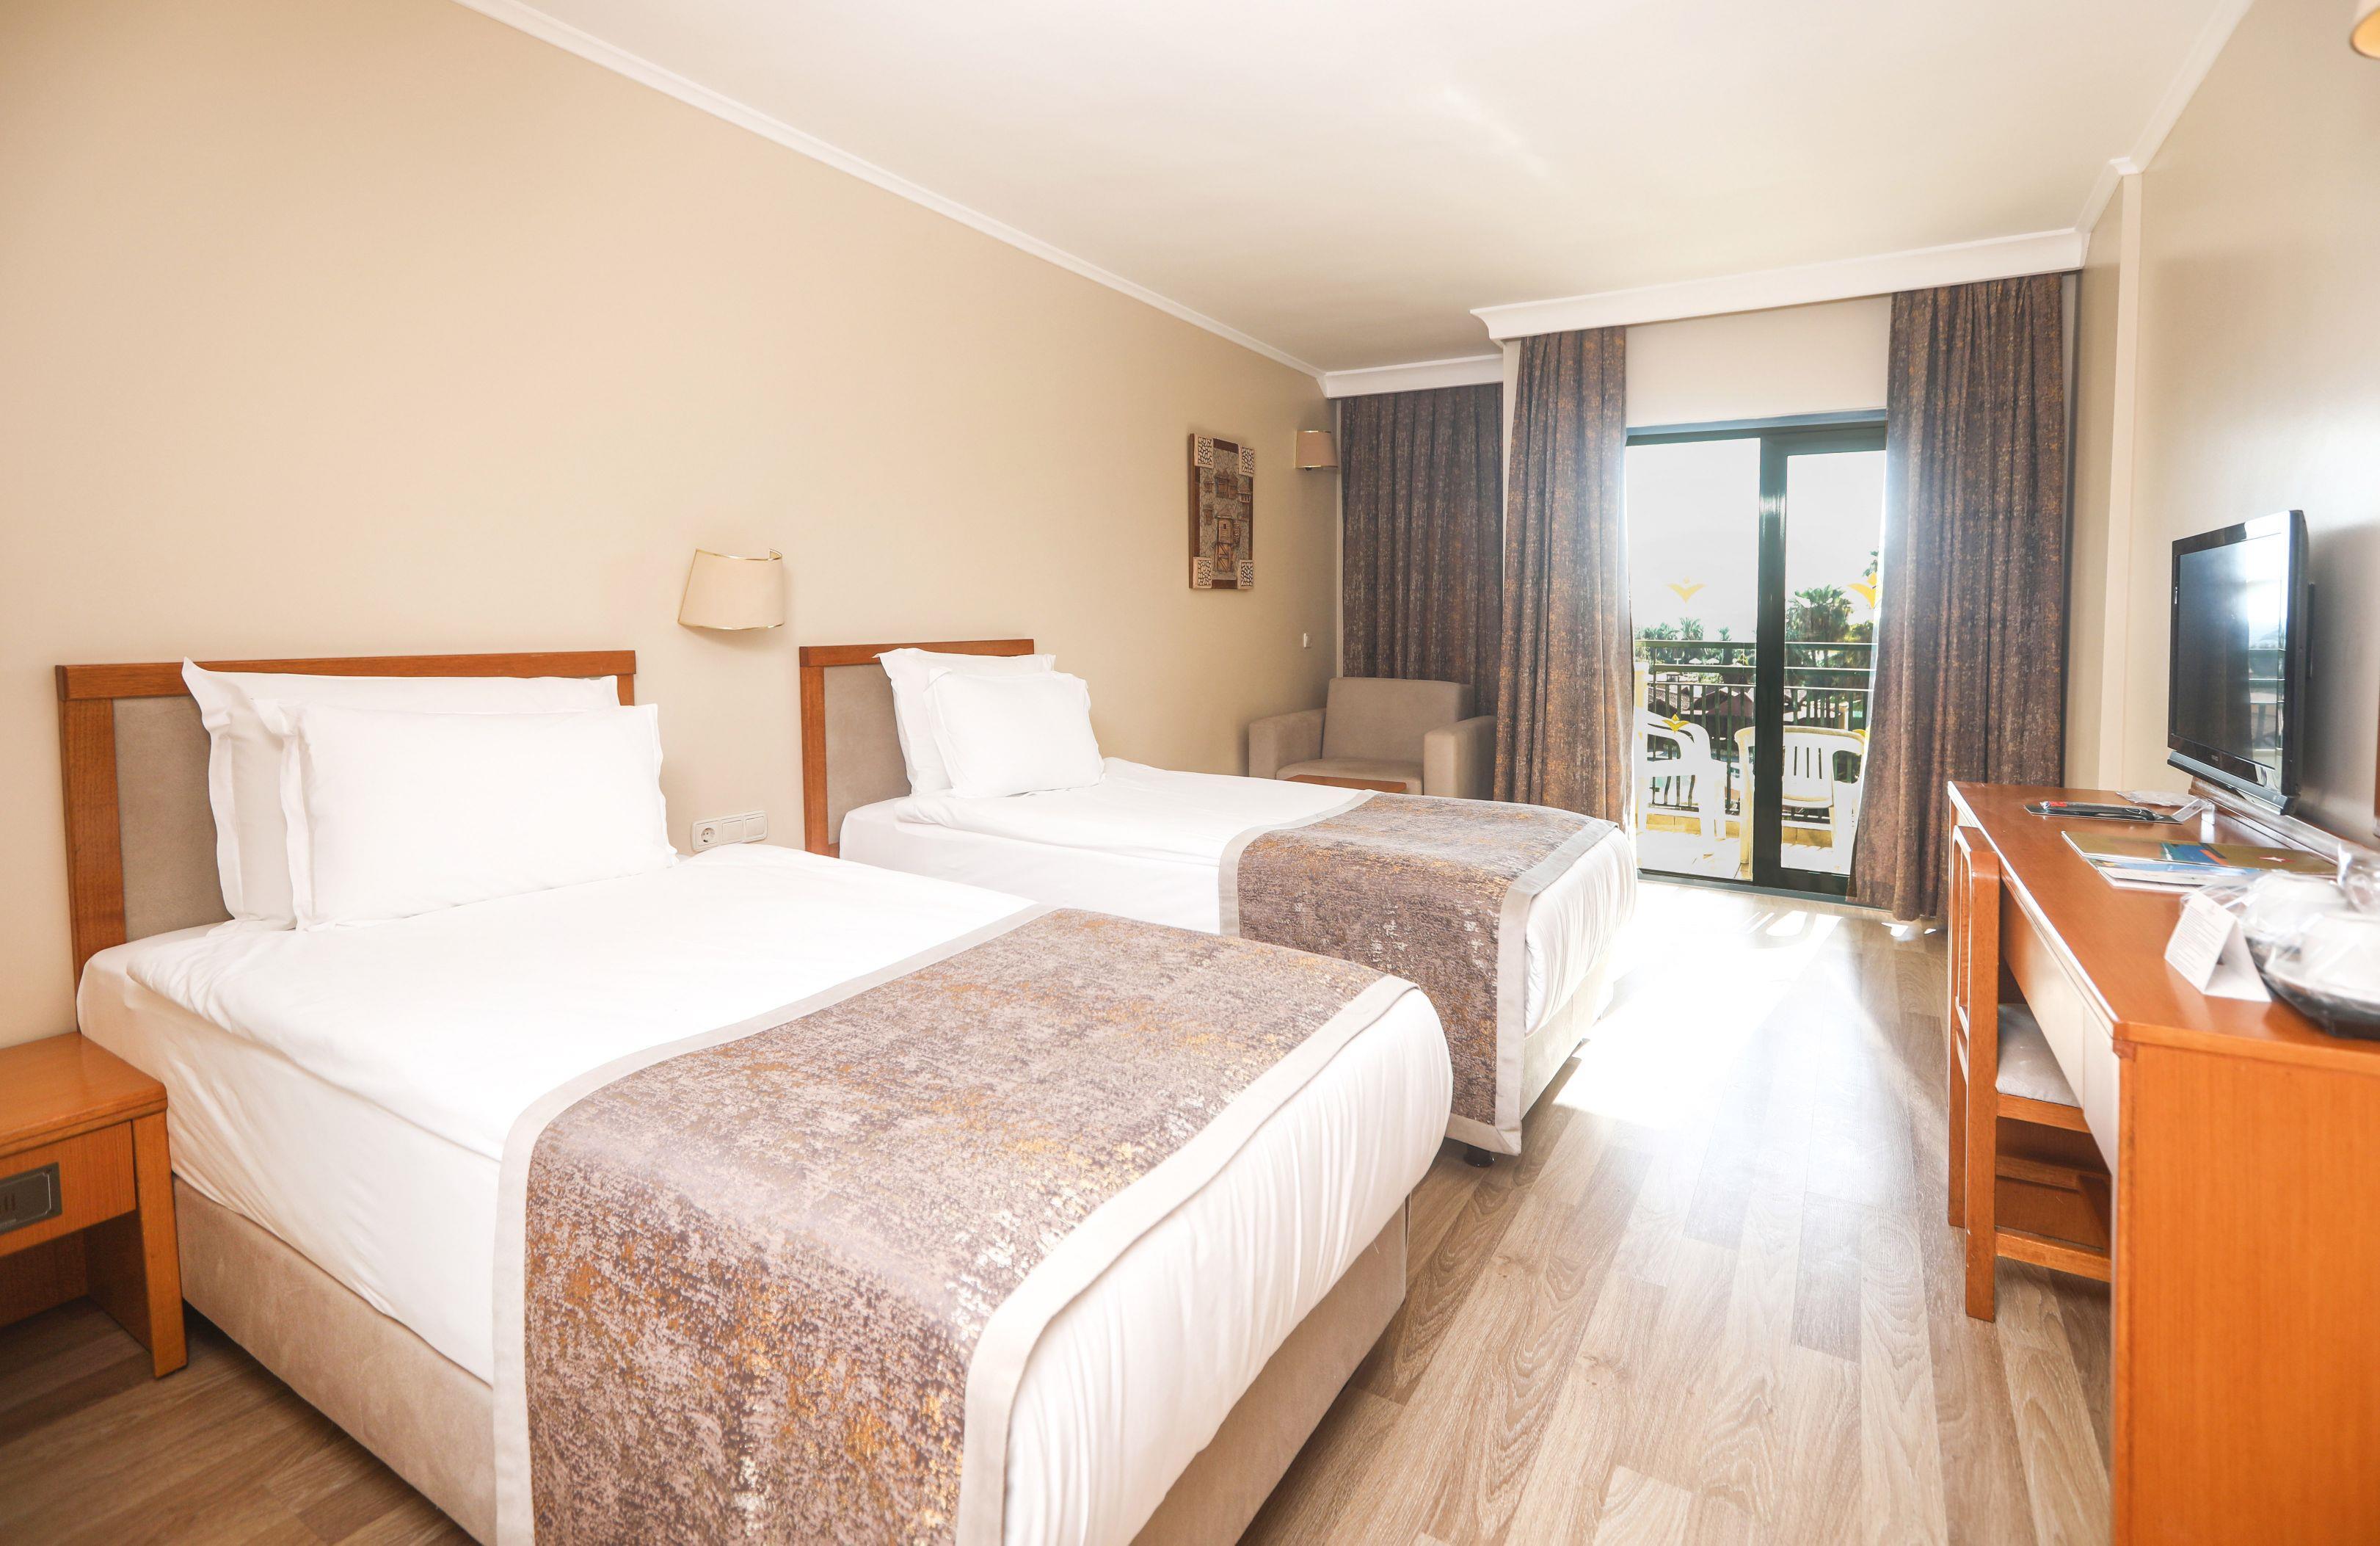 http://www.orextravel.sk/OREX/hotelphotos/miramare-queen-hotel-general-00108.jpg